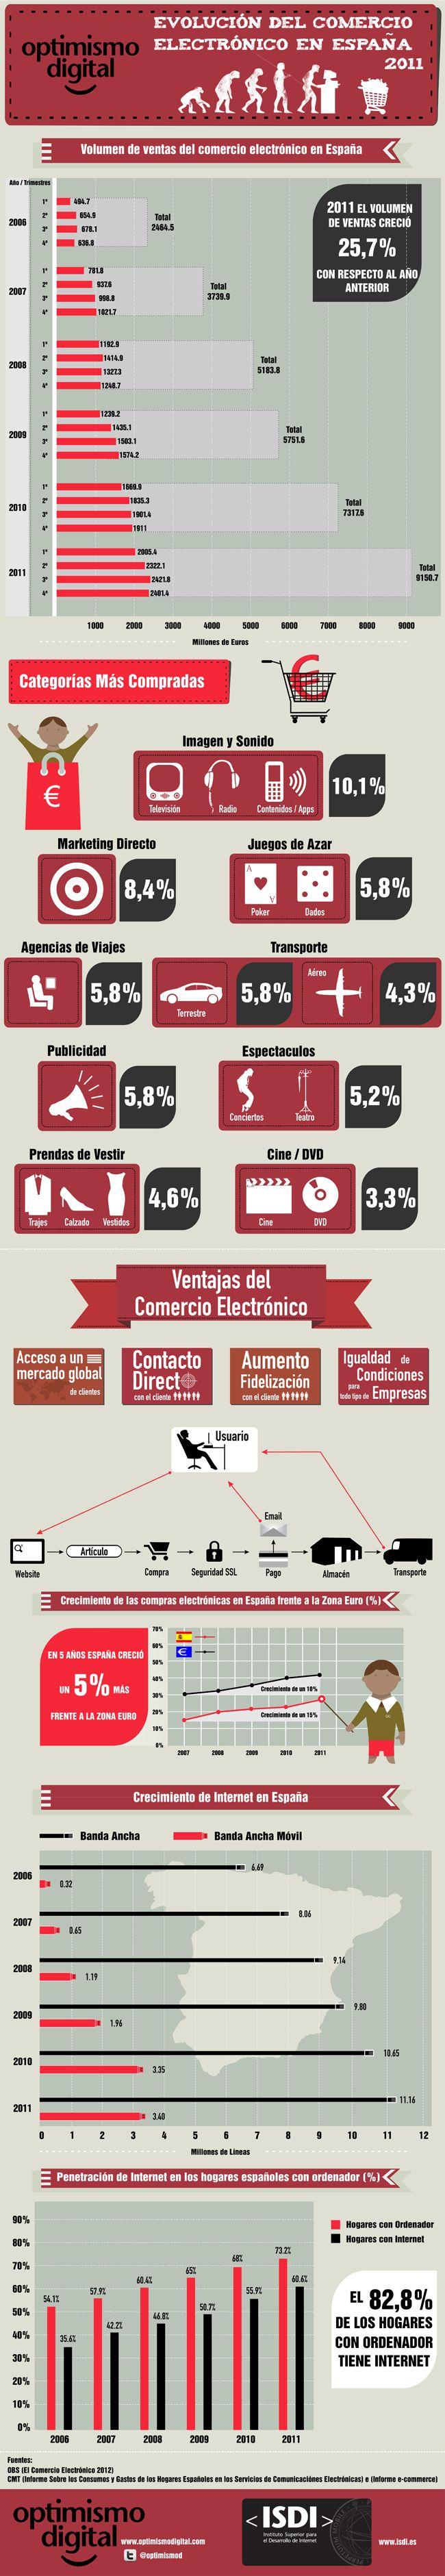 Evolución del comercio electrónico en España.